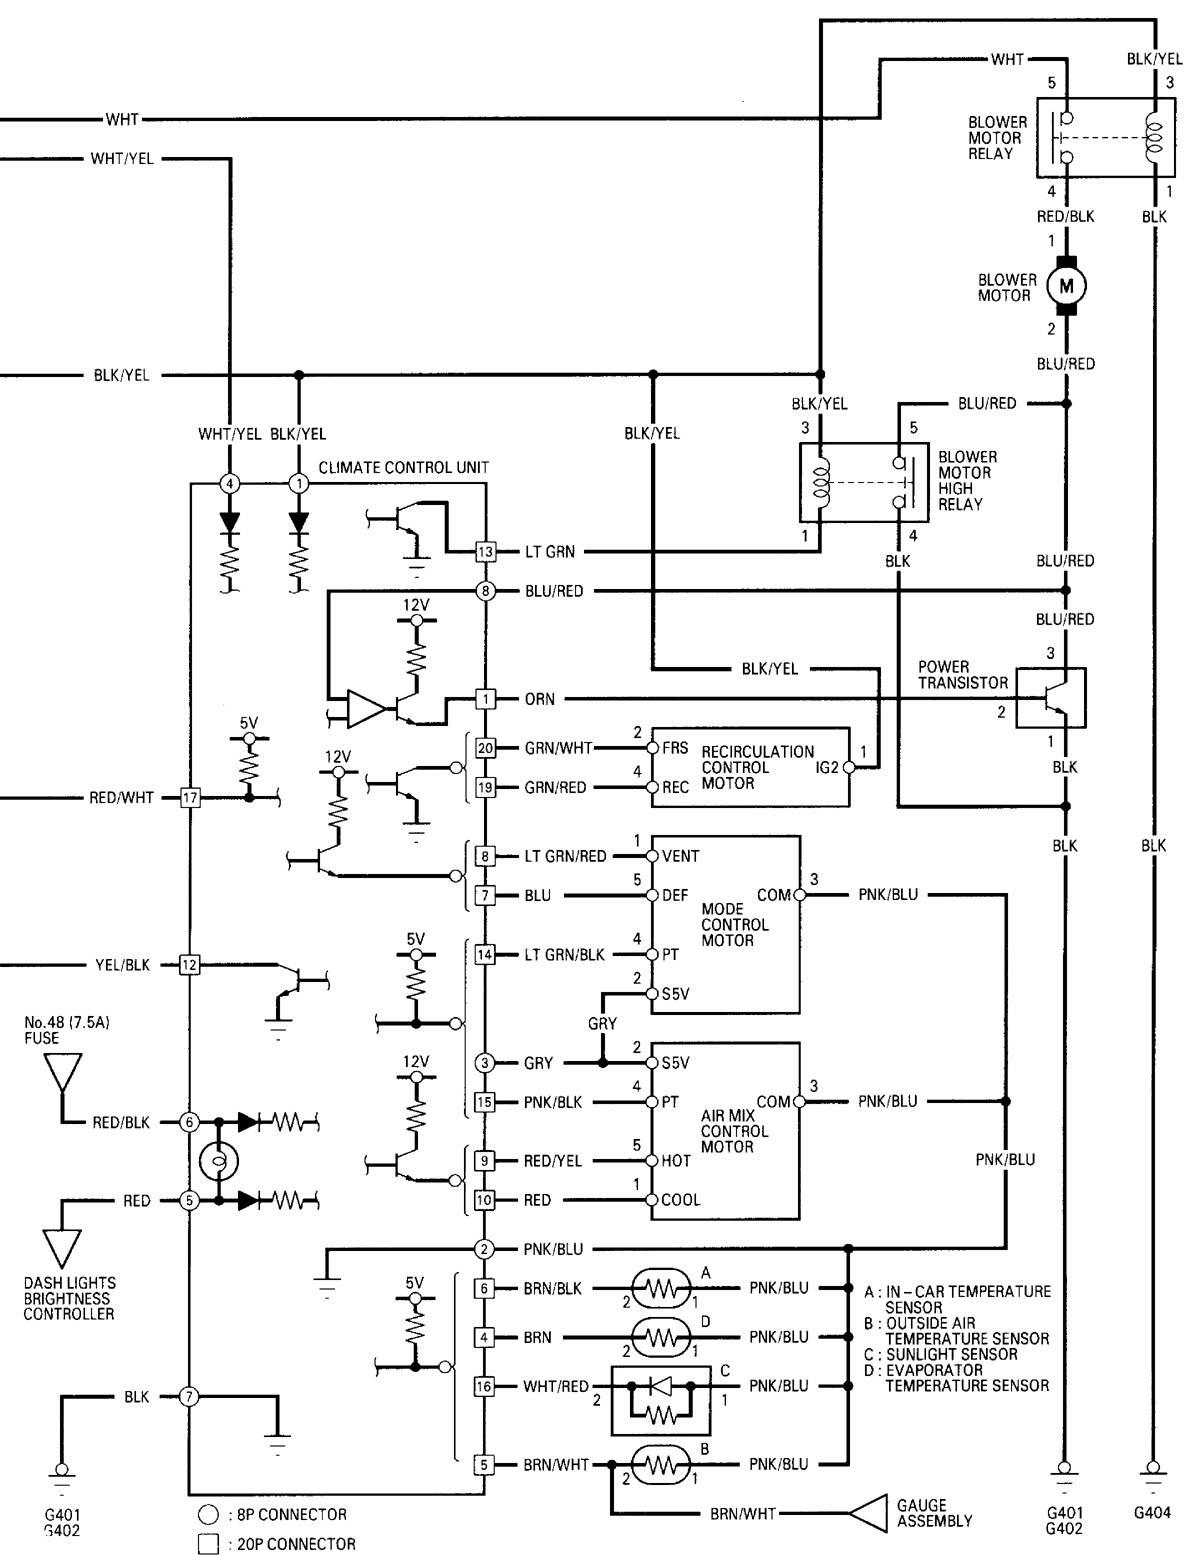 2017 bmw x1 fuse box diagram